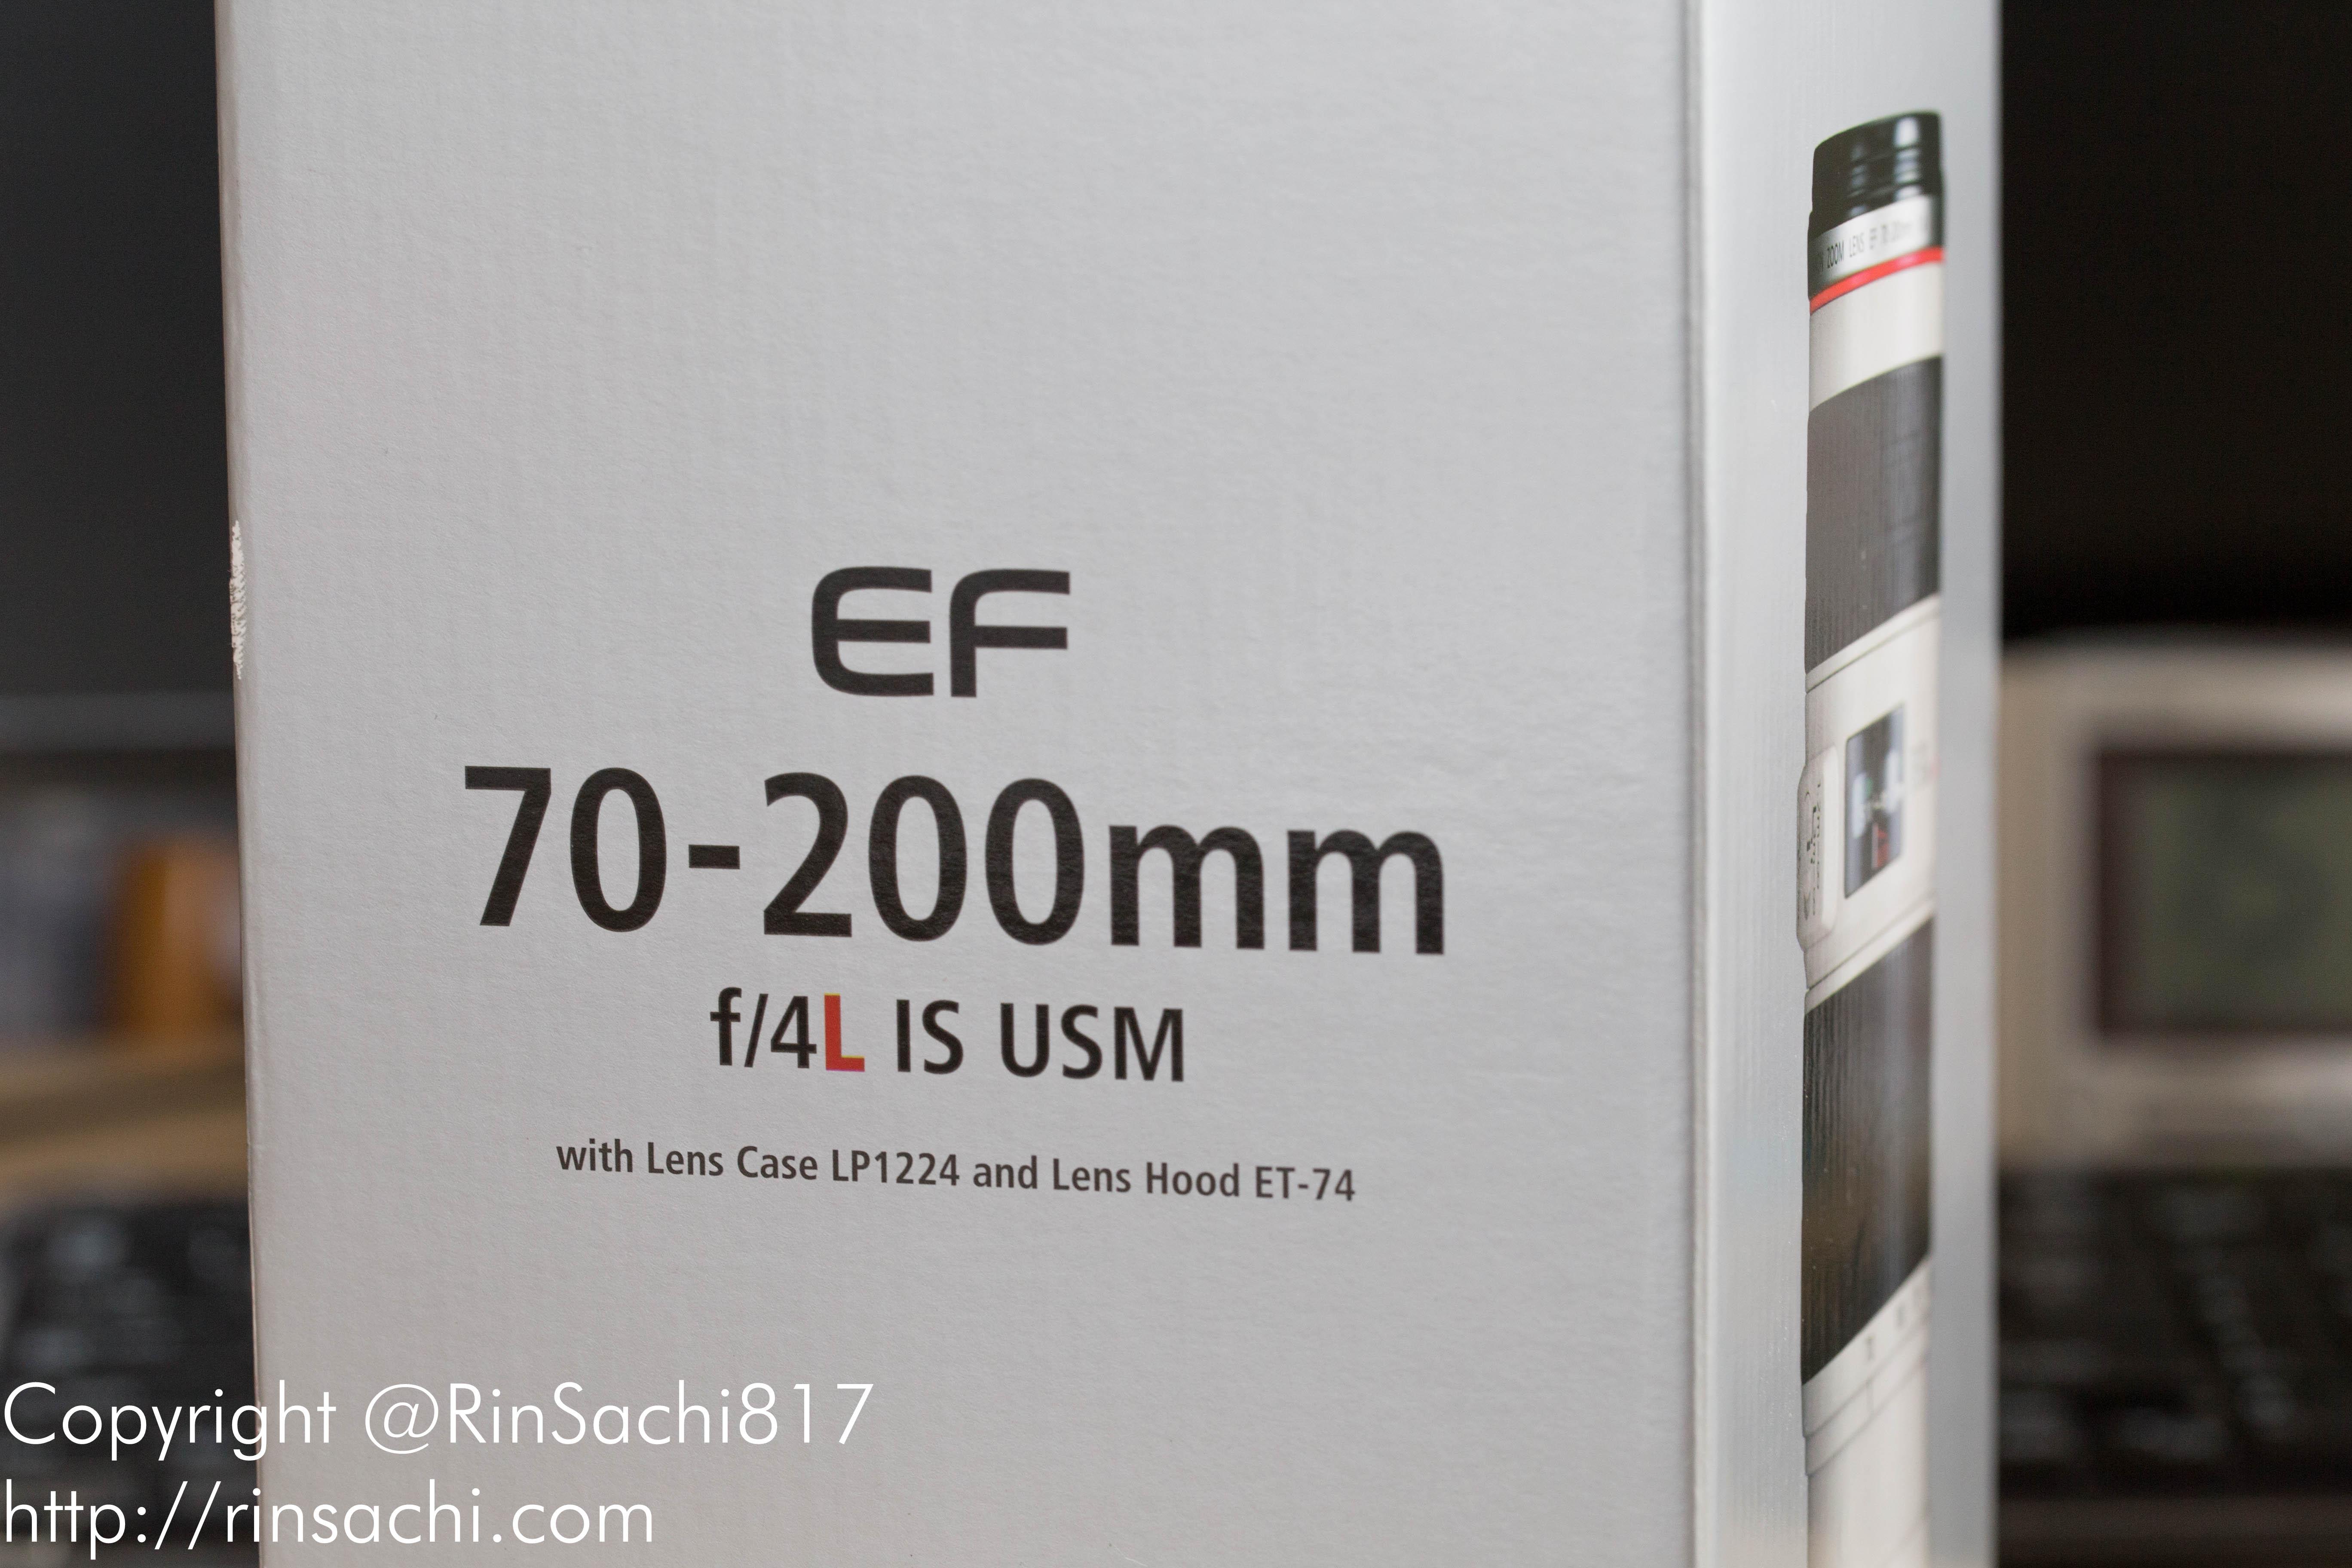 Canon EF70-200mm F4L IS USMを購入!購入に至るまでの経緯と開封&レビューをしていくよ!